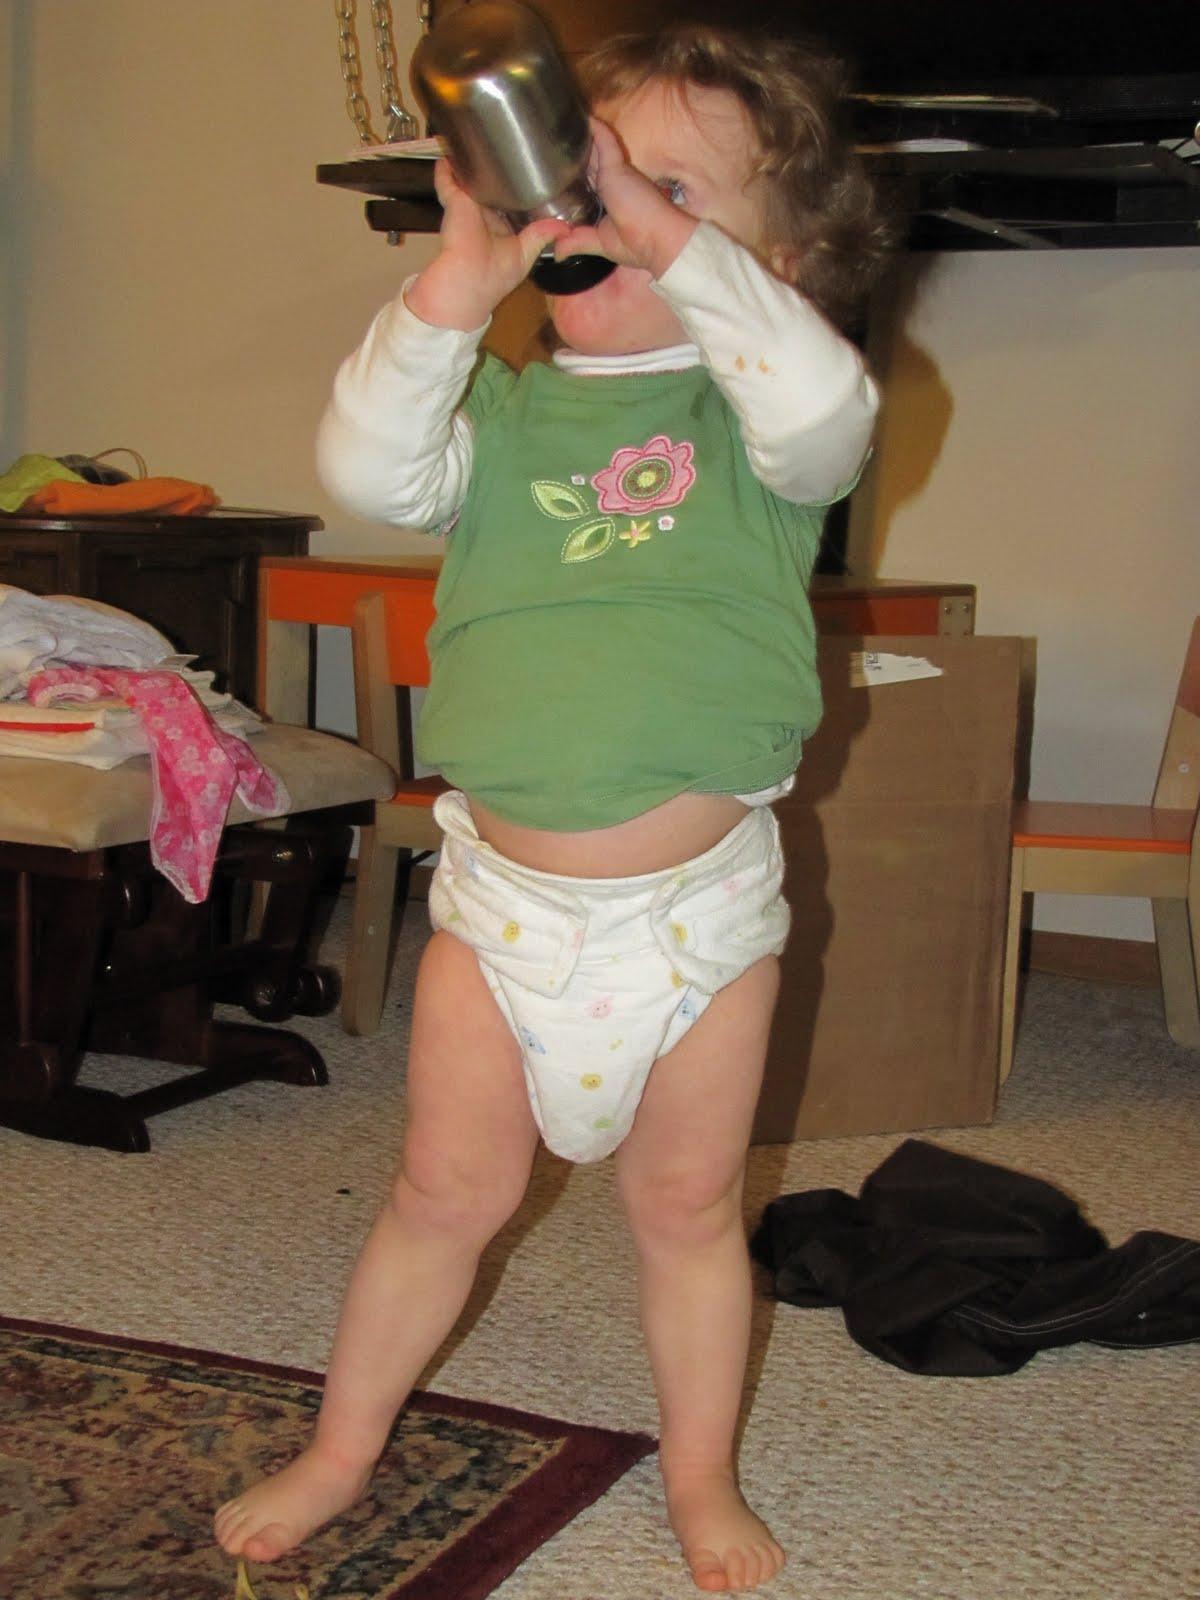 Related pictures imgsrc ru diaper boy on diaper kid imgsrc ru car